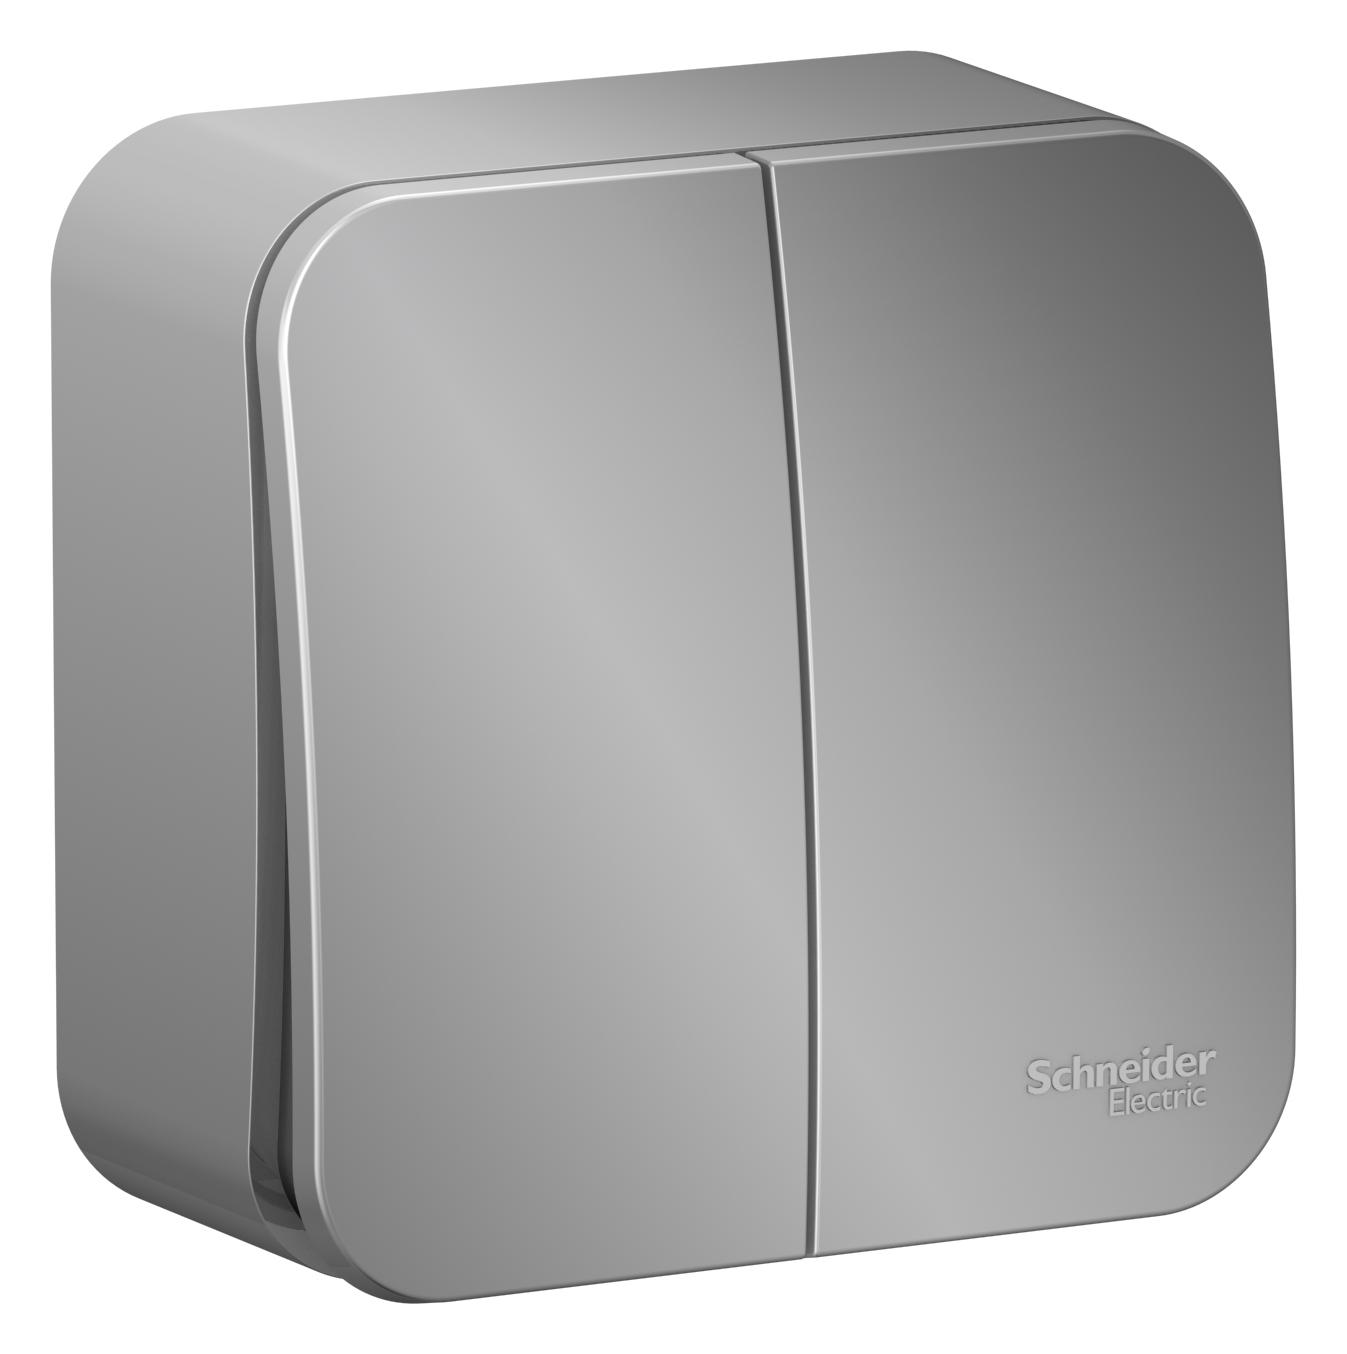 Выключатель Schneider electric Blnva105013 blanca выключатель schneider electric blnva101013 blanca